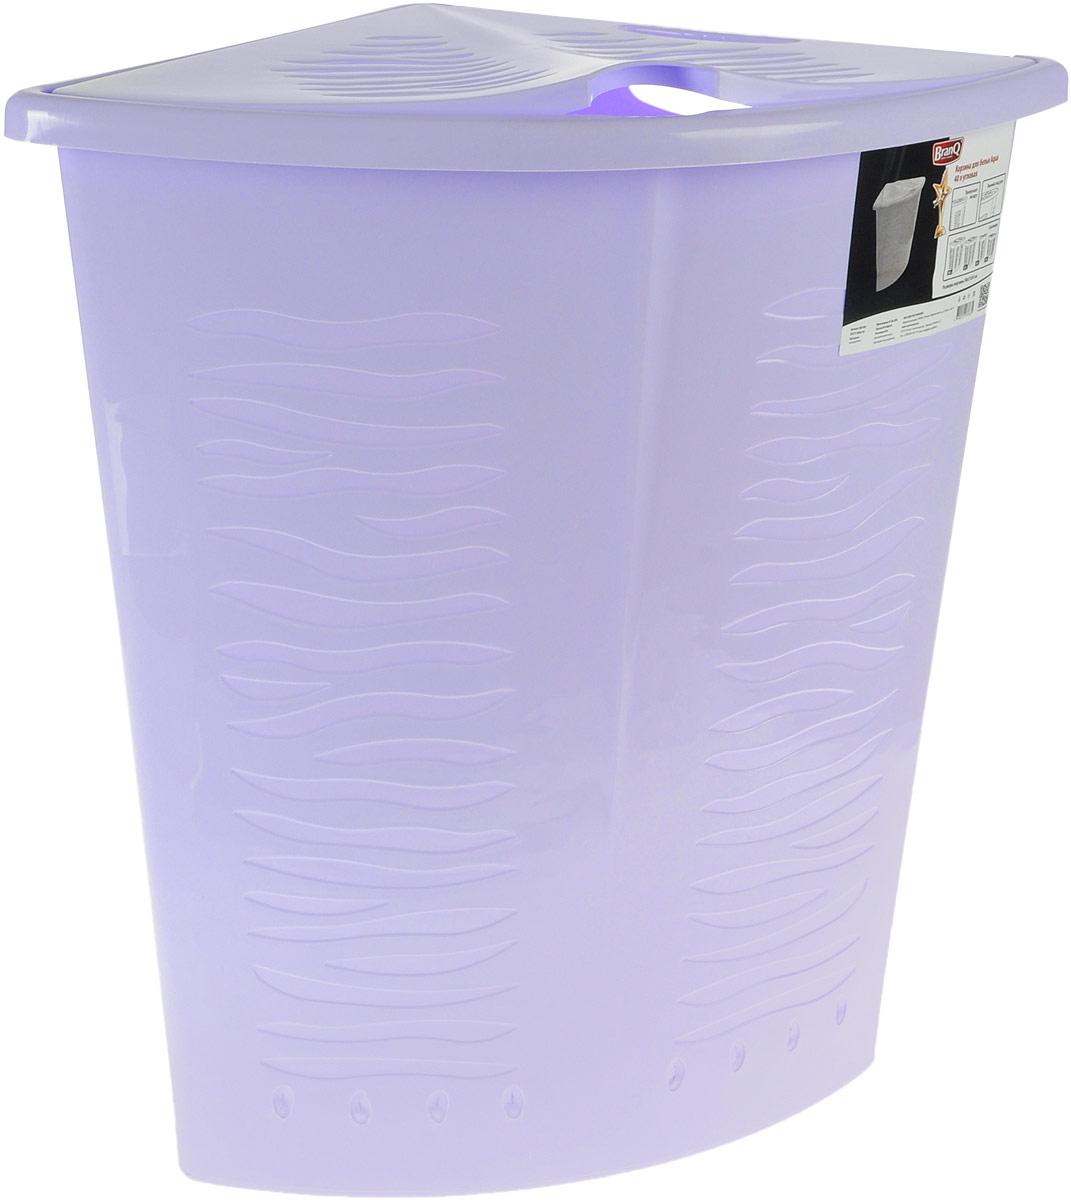 Корзина для белья BranQ Aqua, угловая, цвет: лавандовый, 40 лS03301004Угловая корзина для белья BranQ Aqua изготовлена из прочного полипропилена и оформлена перфорированными отверстиями, благодаря которым обеспечивается естественная вентиляция. Изделие идеально подходит для небольших ванных комнат. Корзина оснащена крышкой и ручкой для переноски. На крышке имеется выемка для удобного открывания крышки. Такая корзина для белья прекрасно впишется в интерьер ванной комнаты.